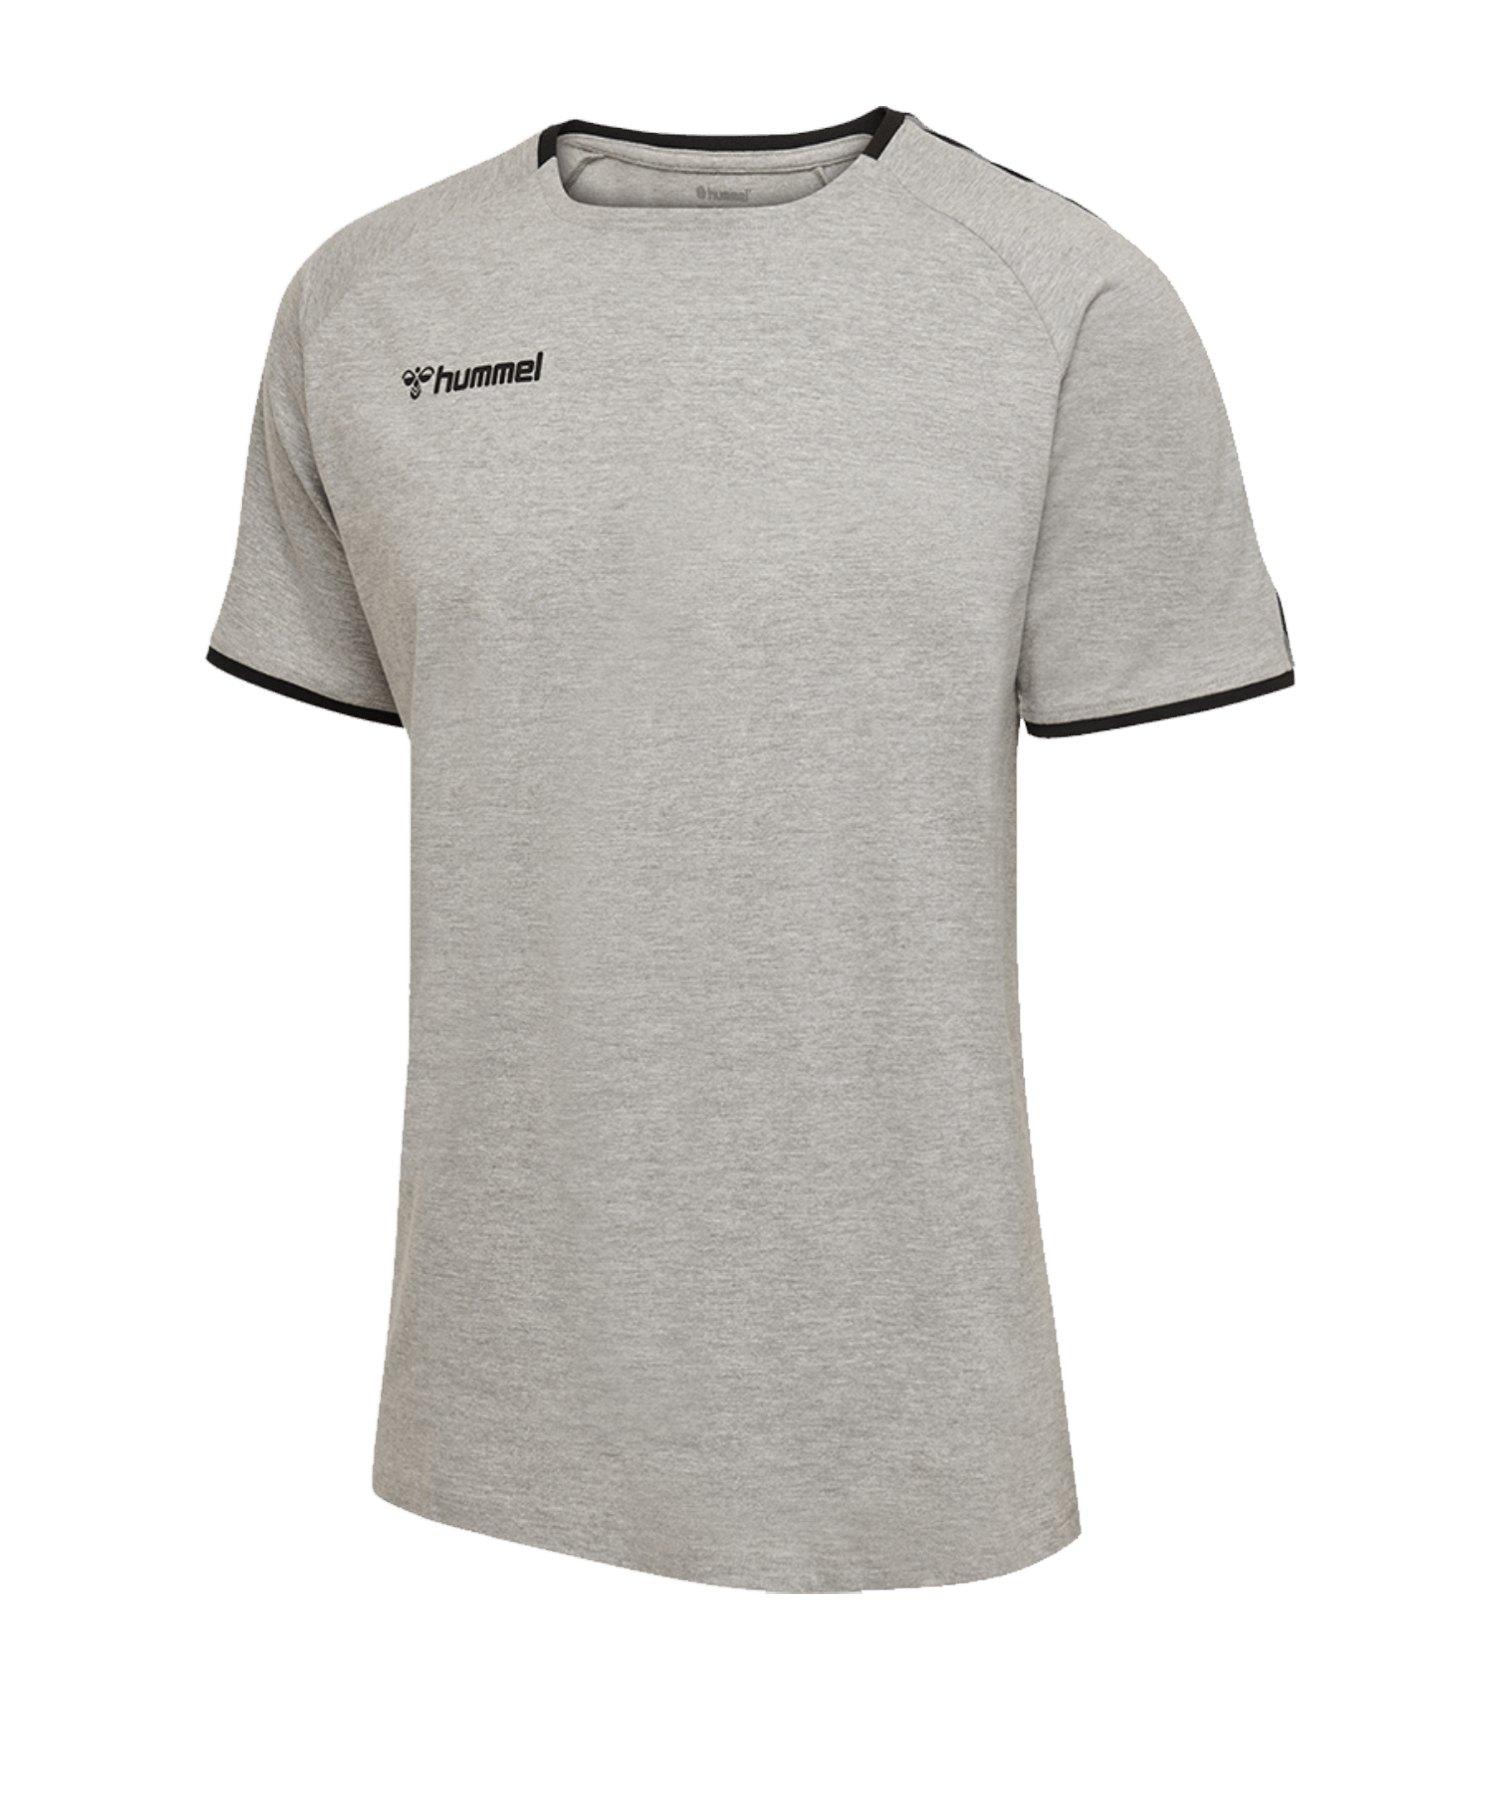 Hummel Authentic Trainingsshirt Kids Grau F2006 - grau